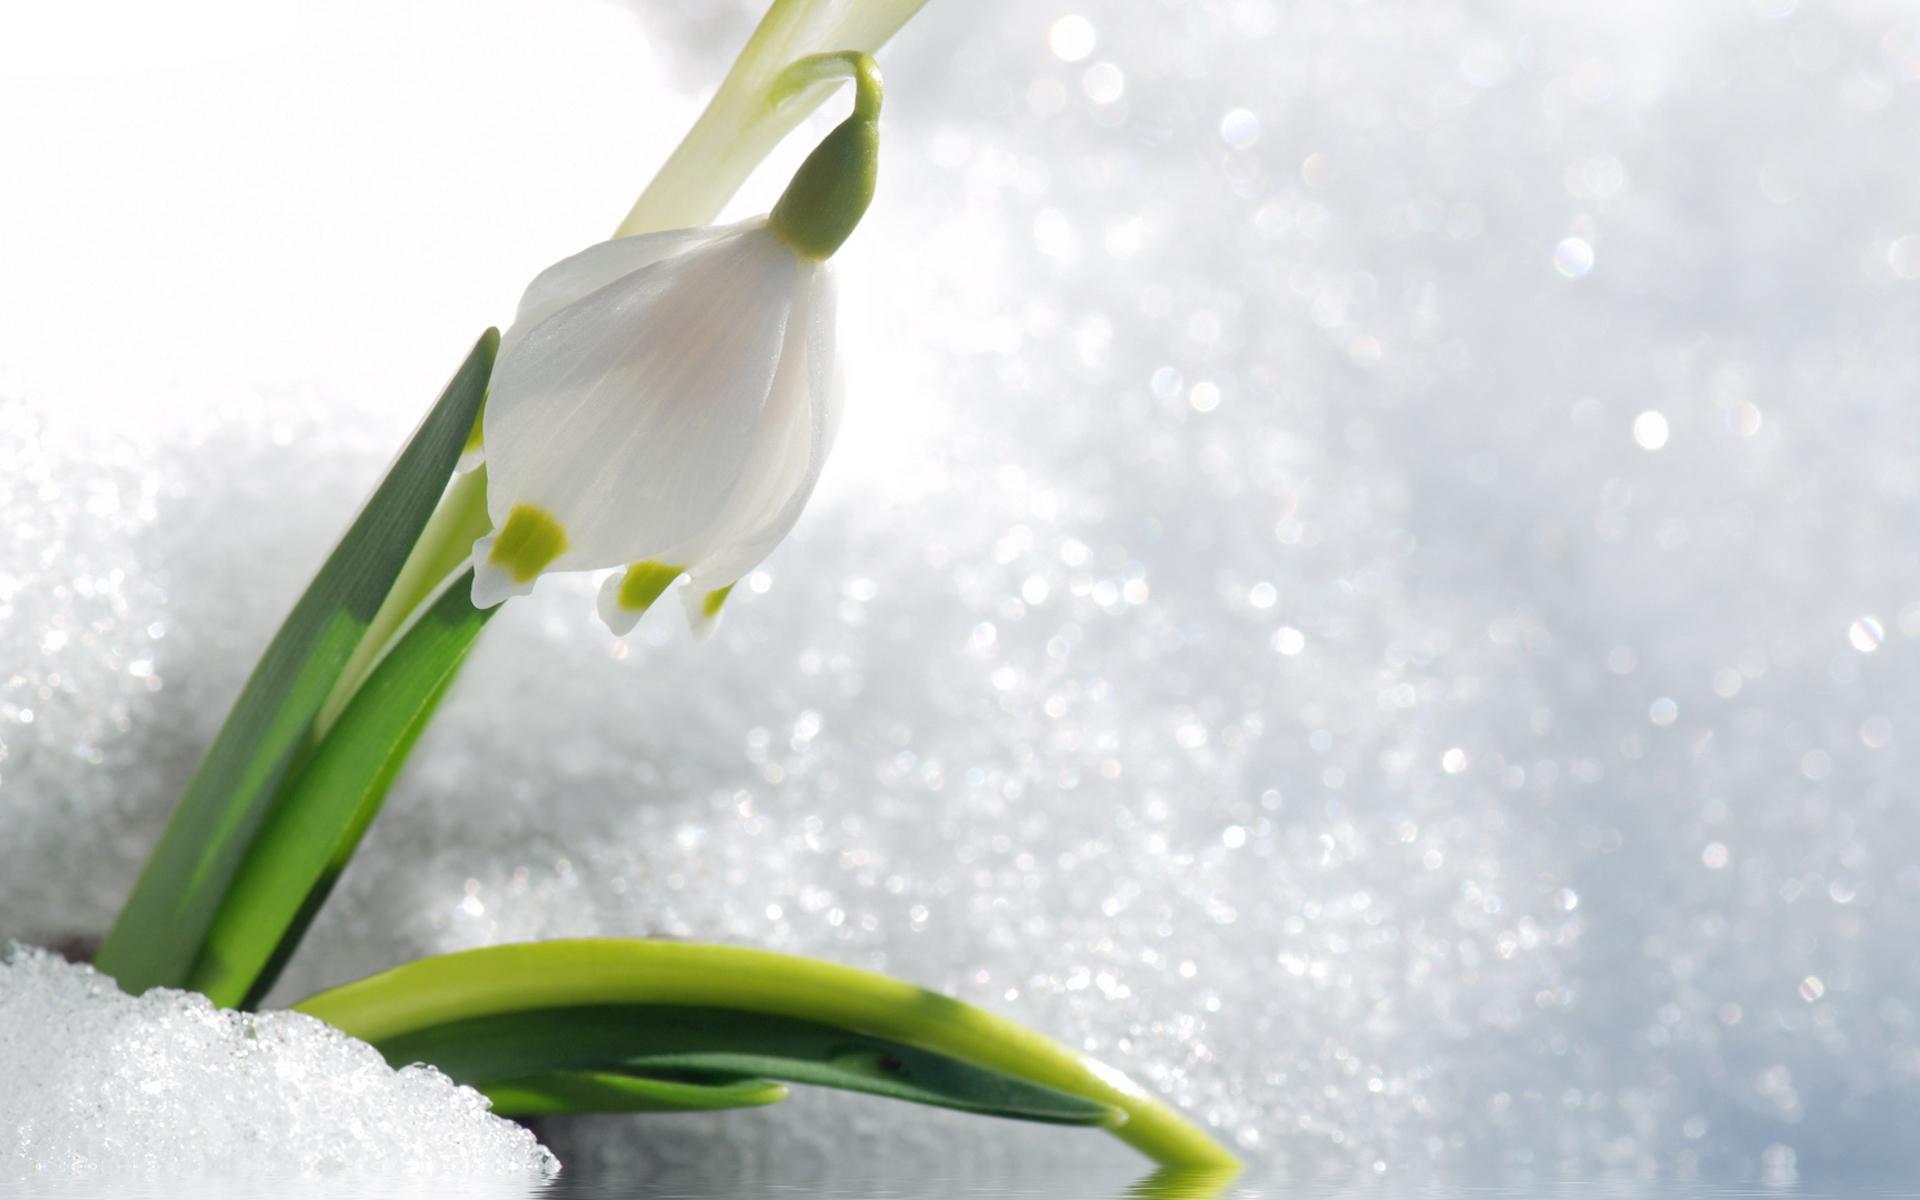 17865 скачать обои Растения, Цветы, Подснежники - заставки и картинки бесплатно